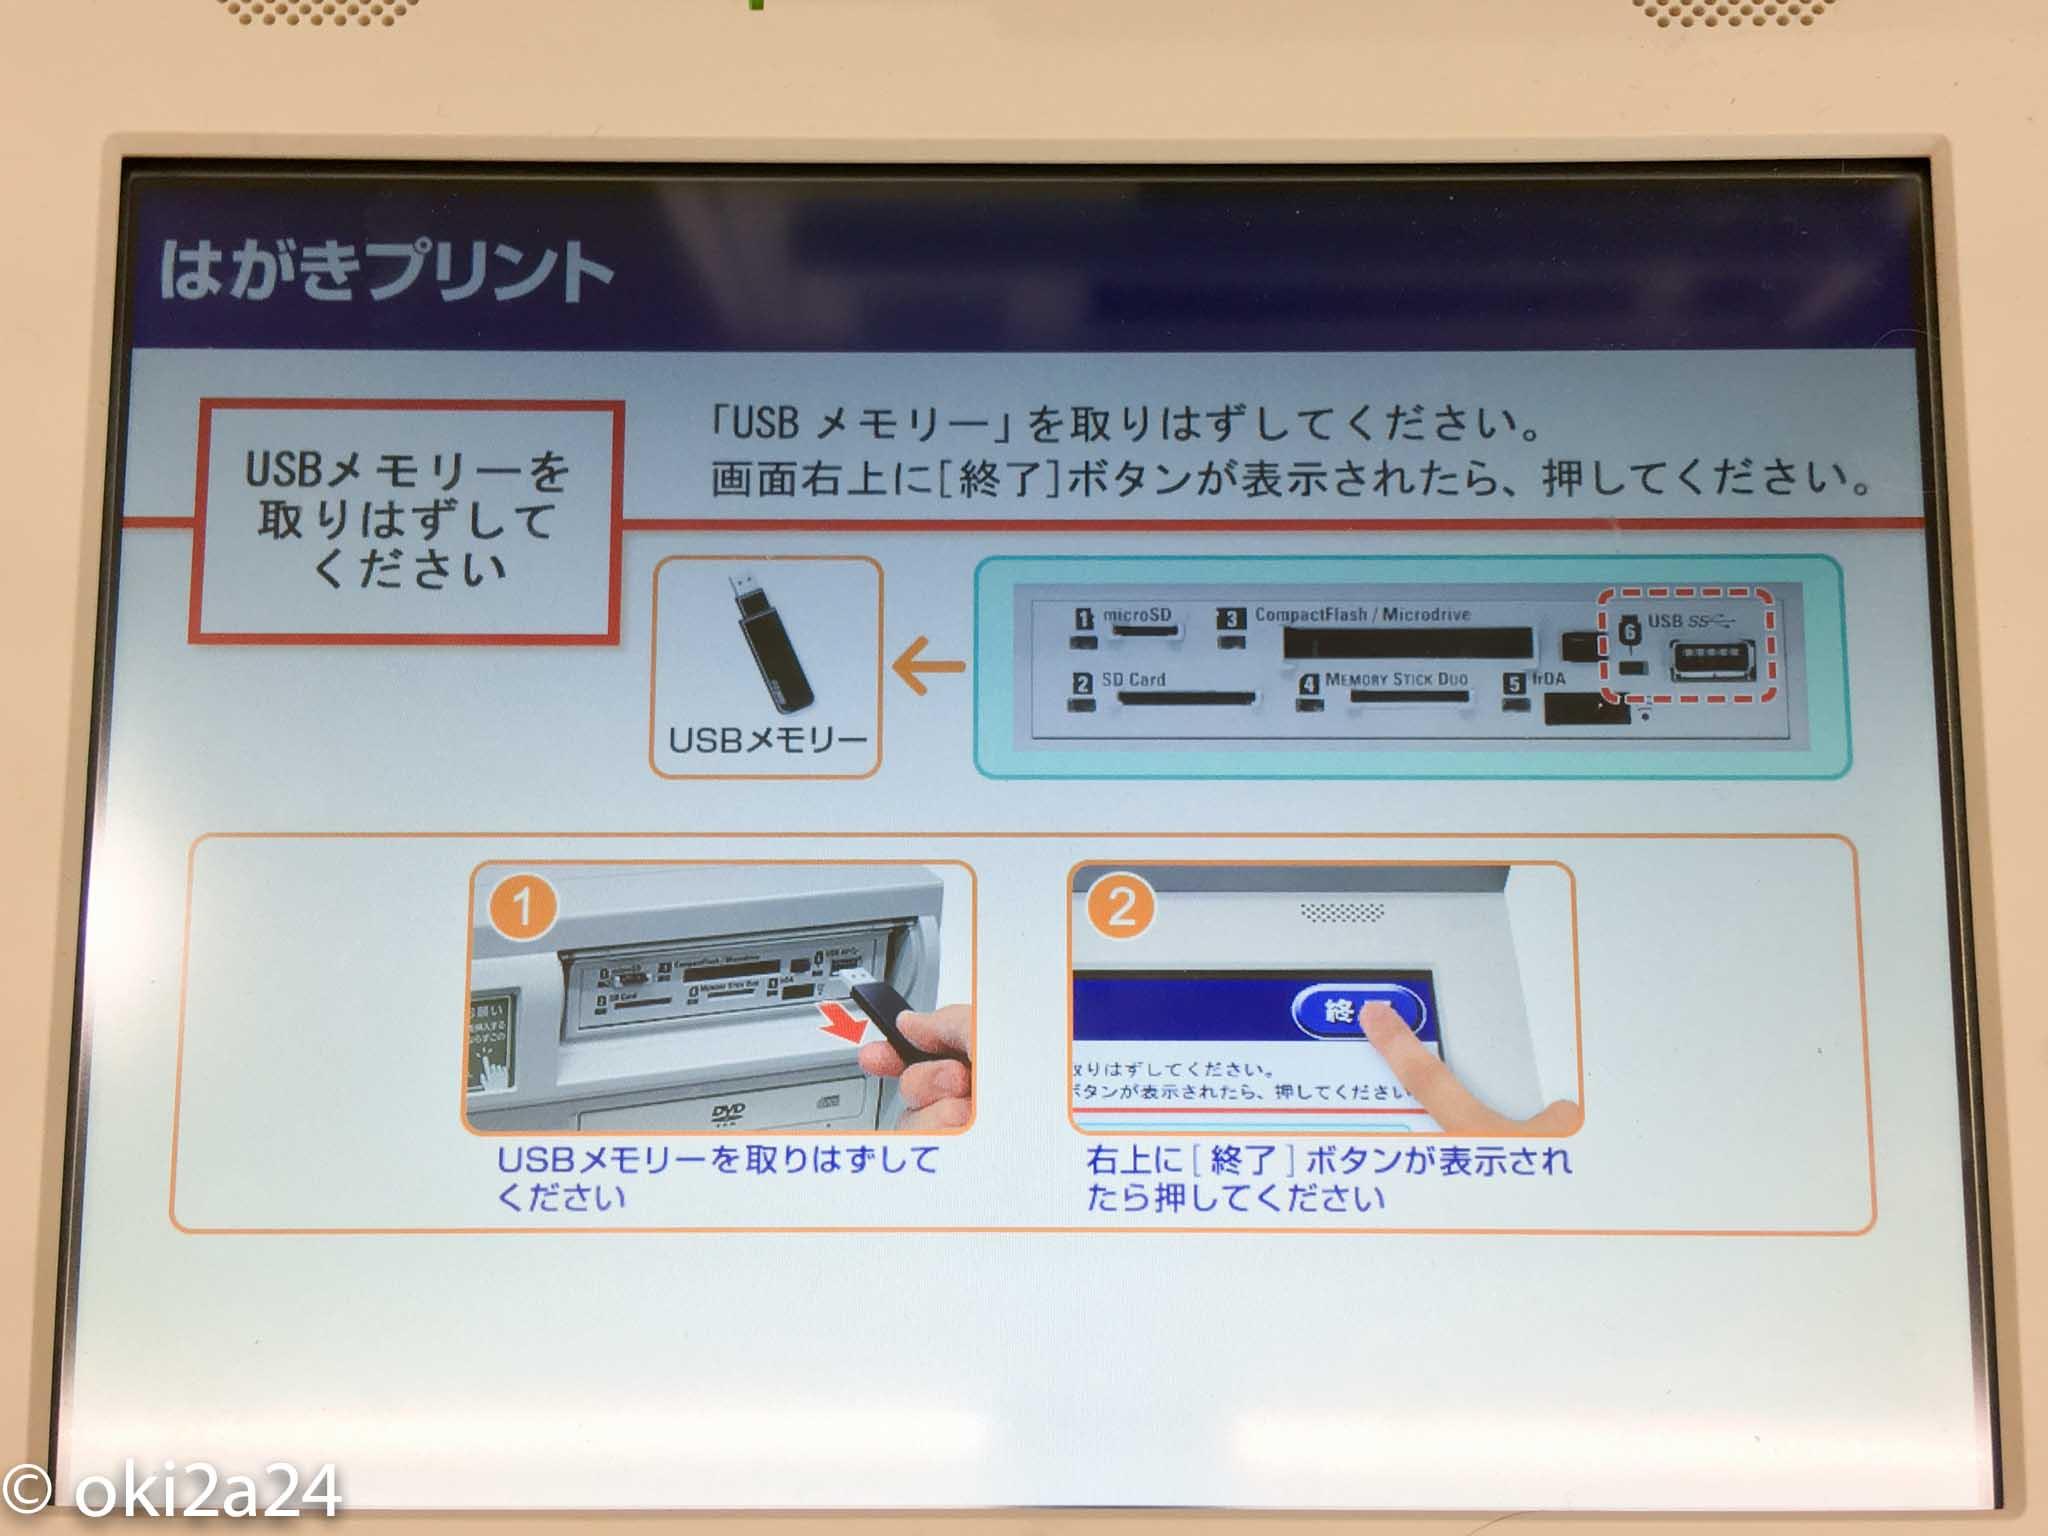 USBメモリーを6番から取り出す。